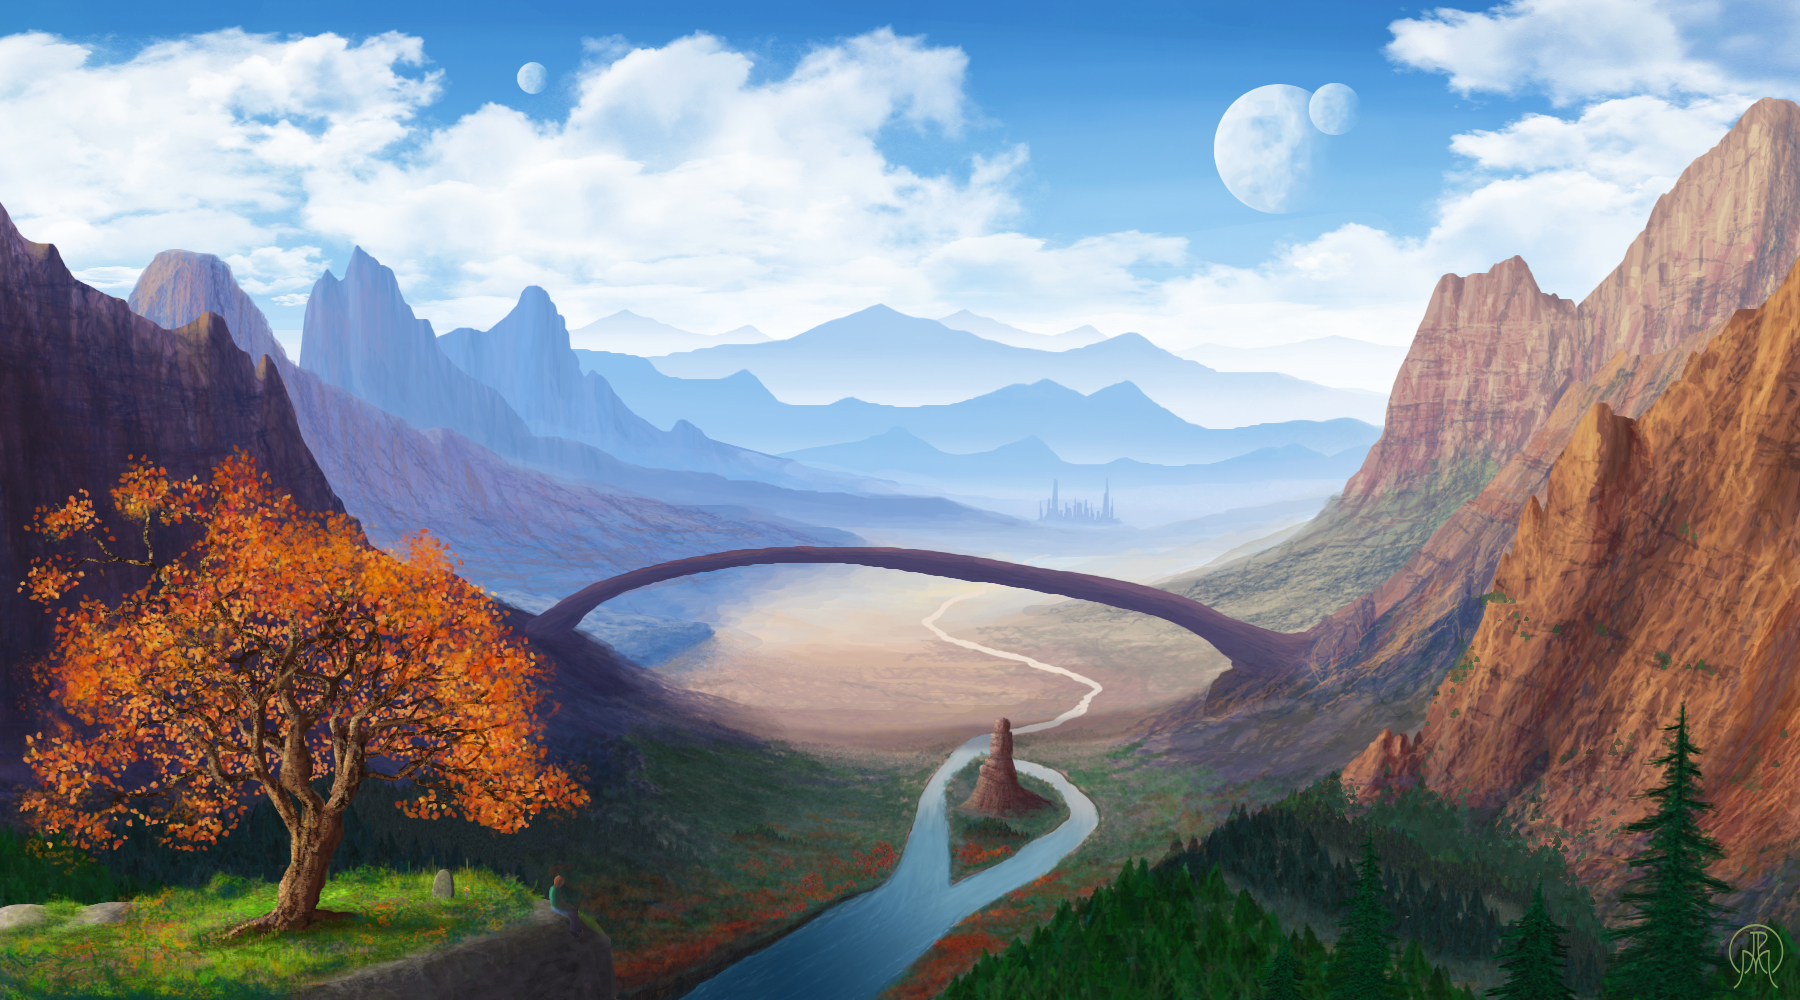 A Canyon View by Spacepretzel